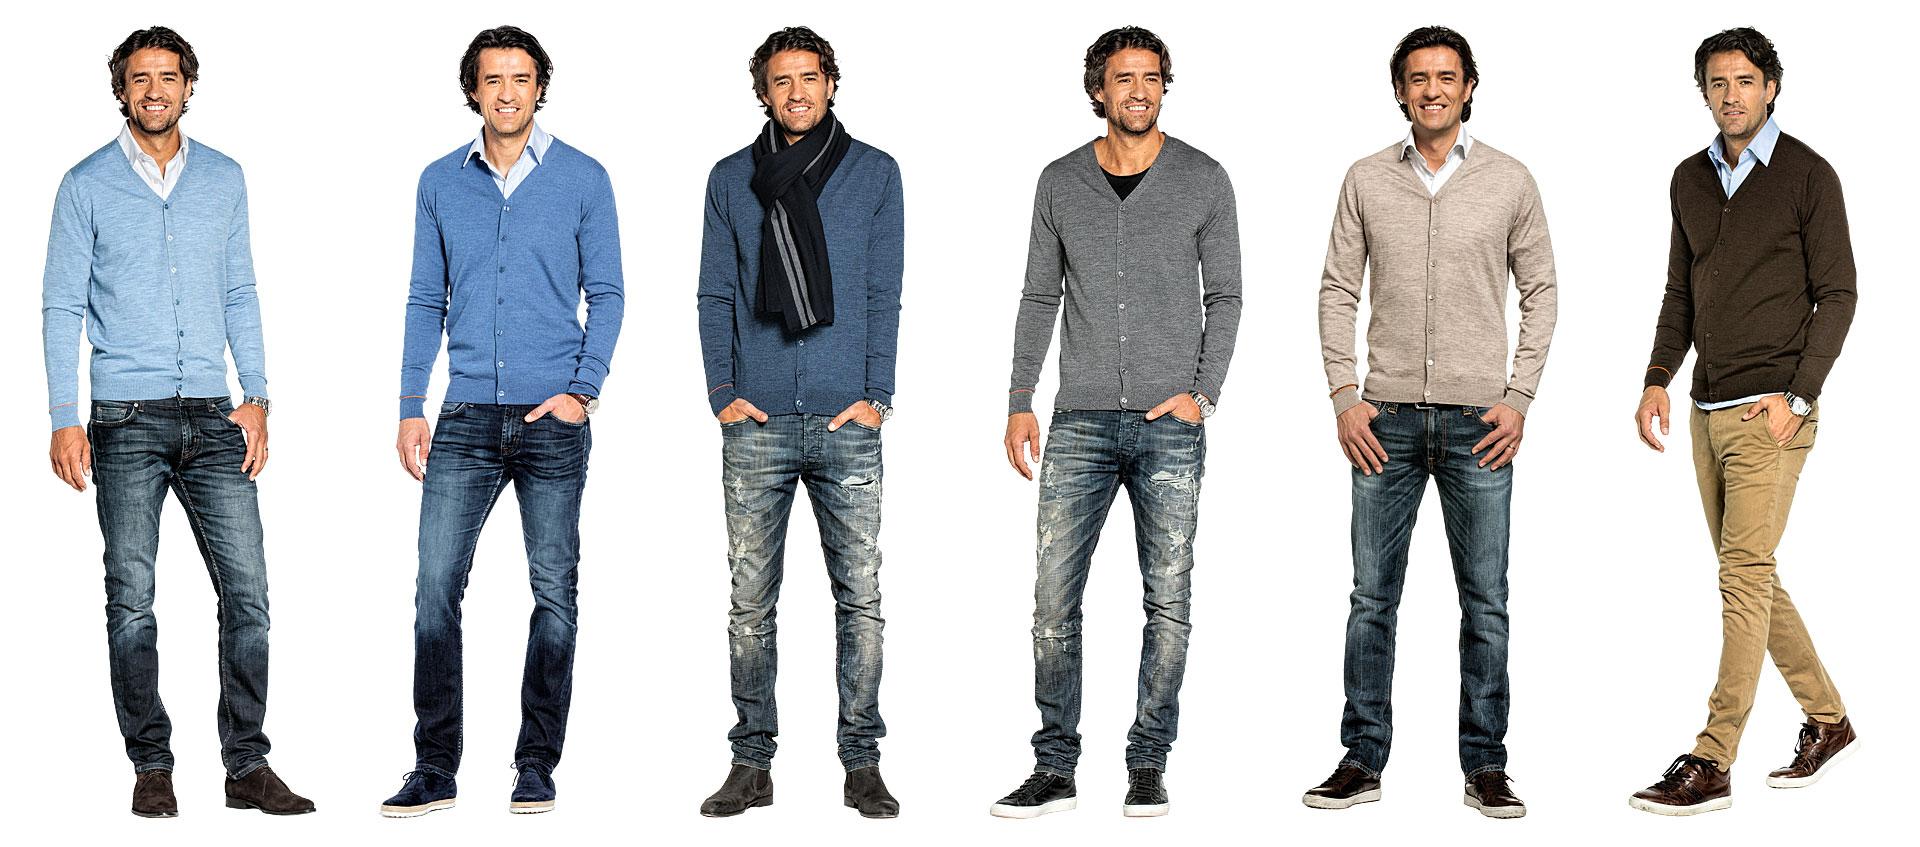 Merino Strickjacke für Herren aus 100% Merinowolle kaufen Sie online bei JoeMerino.com